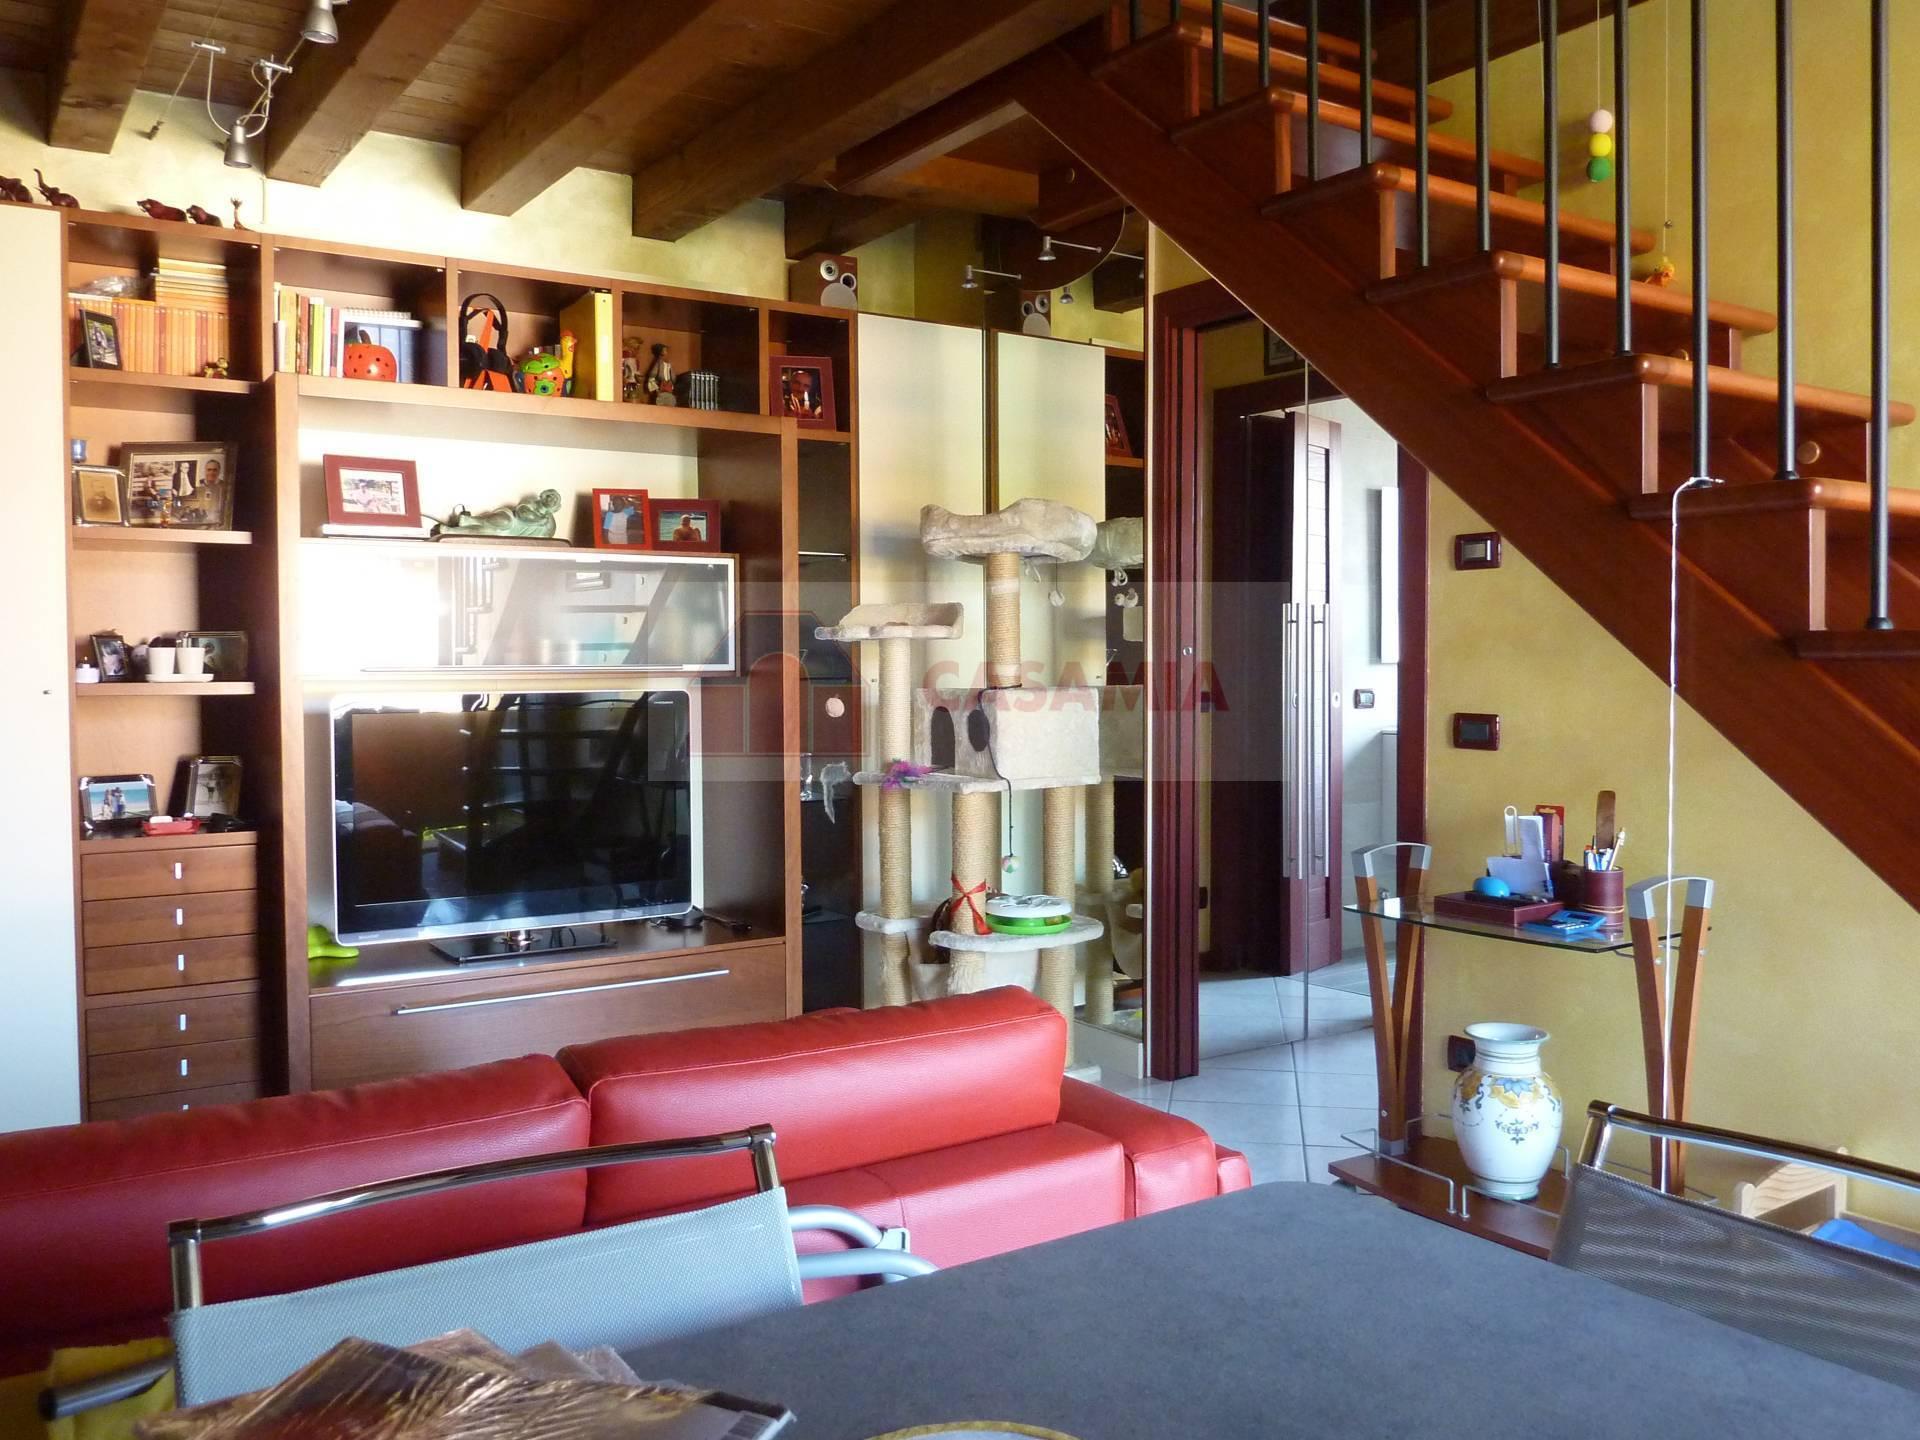 Appartamento in vendita a Salgareda, 2 locali, prezzo € 110.000 | CambioCasa.it